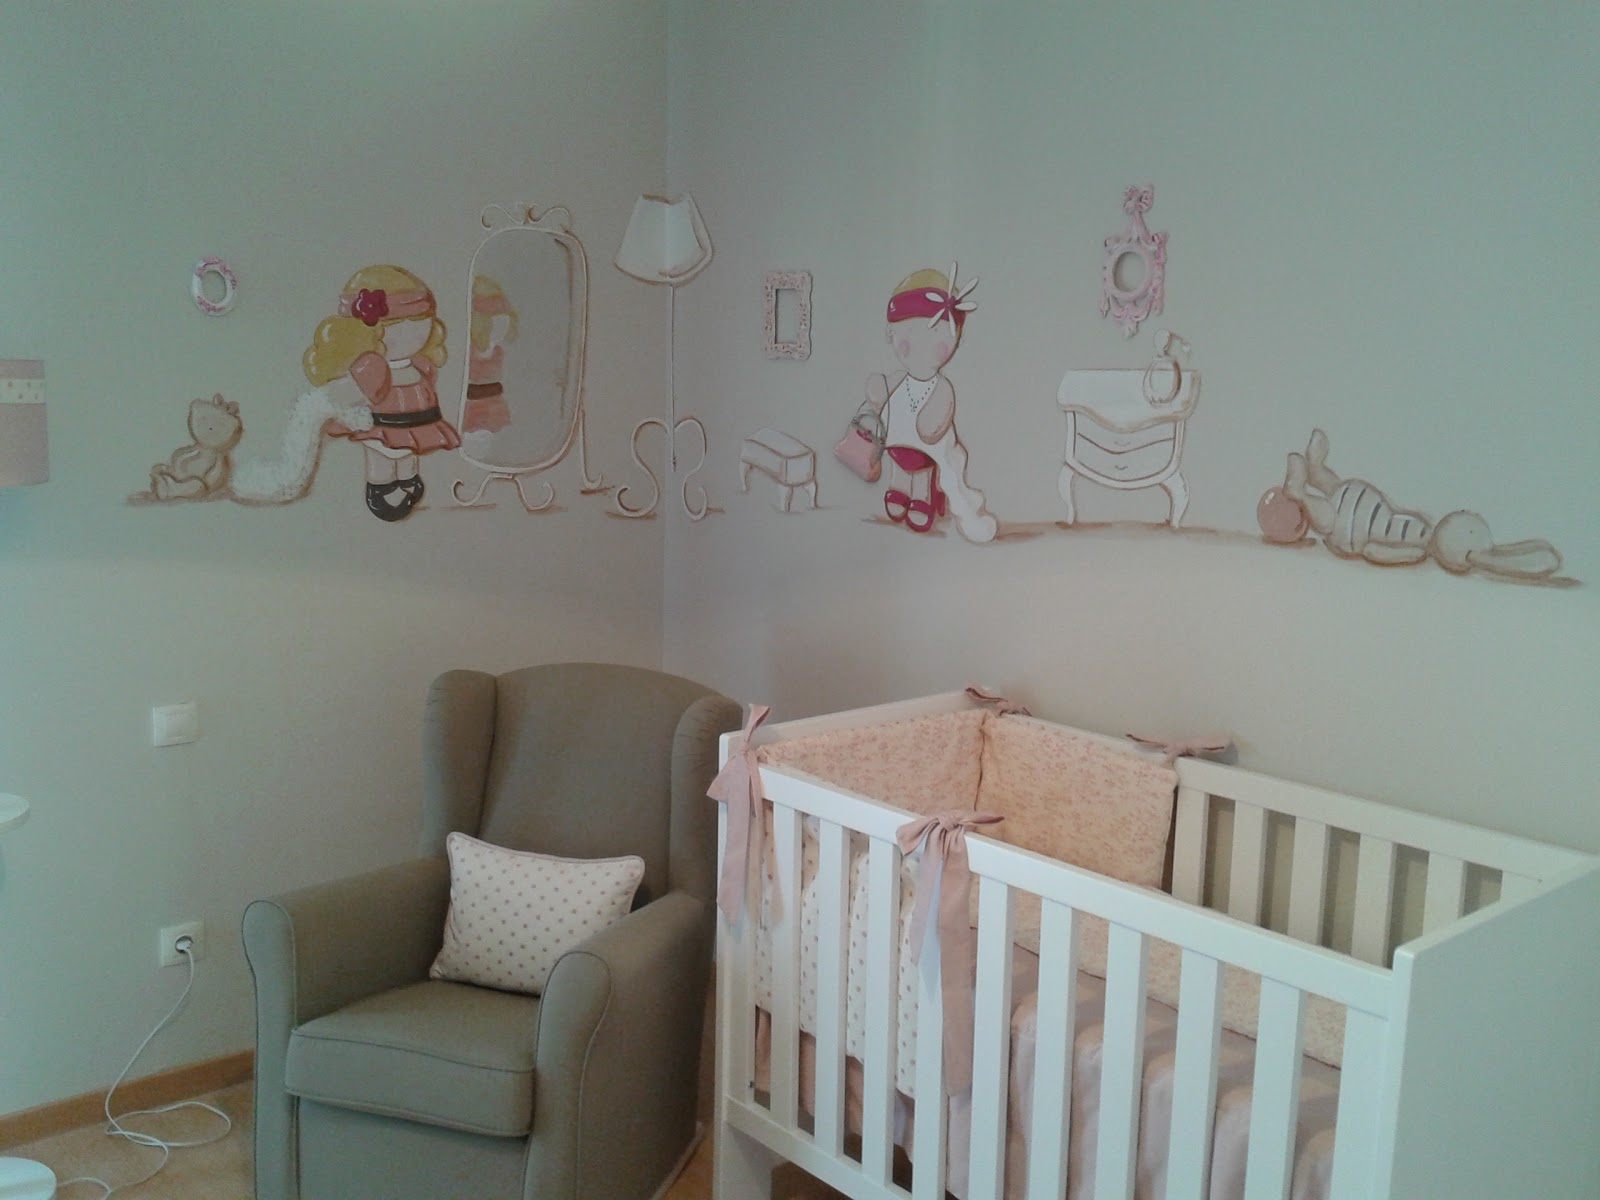 Chambre Vintage Petite Fille : ... chambre vintage petite fille : Deco ...